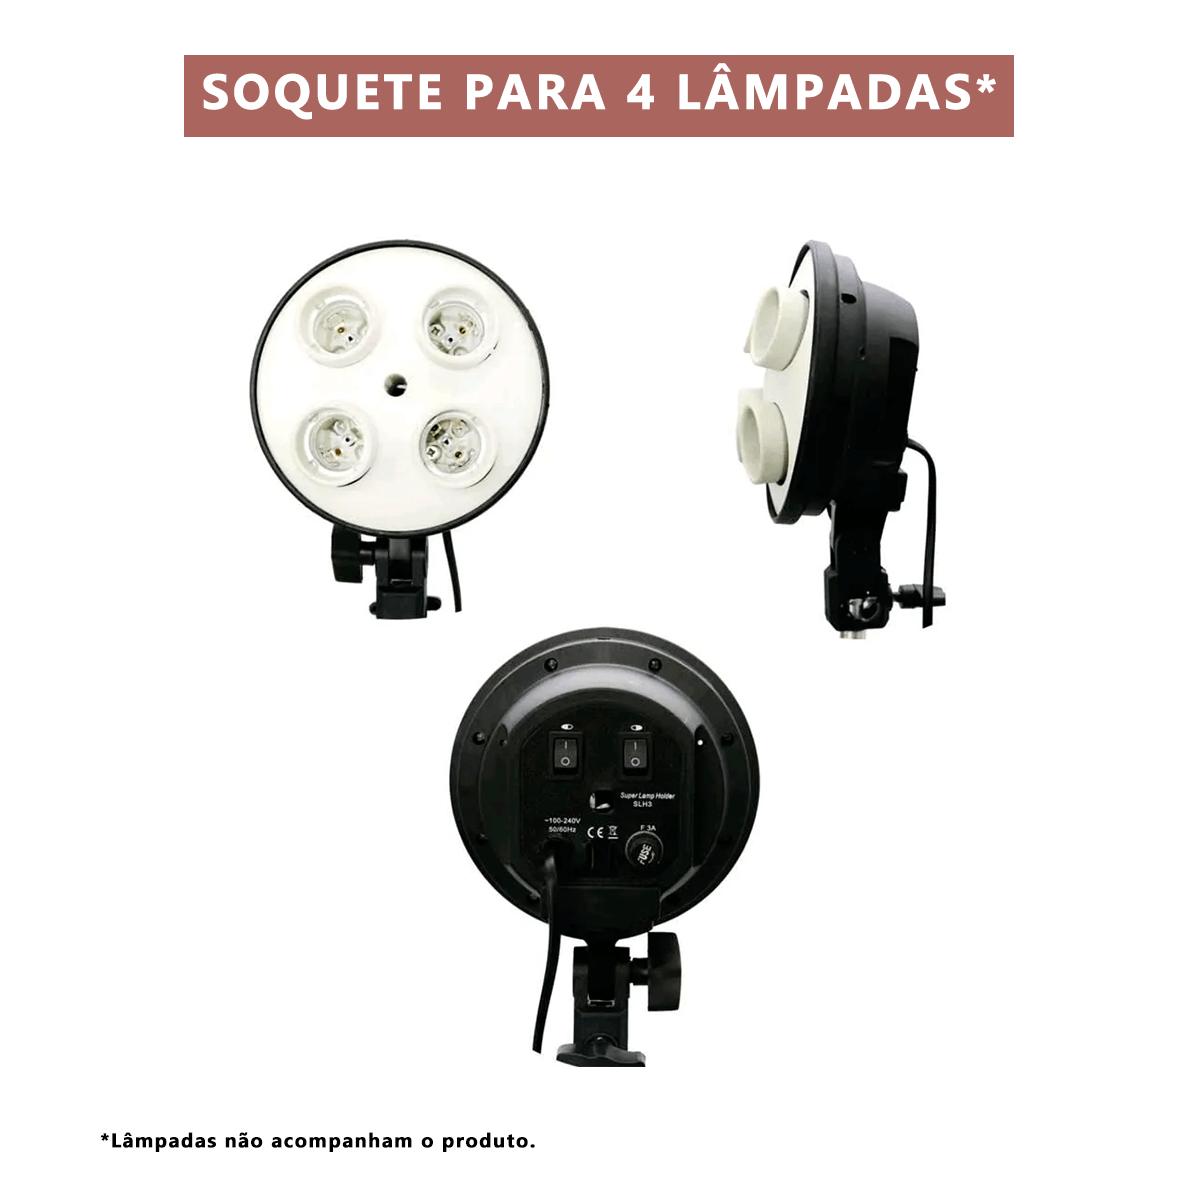 Kit de Iluminação Softbox Quádruplo Vareta 50x70cm Greika com Tripé de 2,40m para Fotografia  - Fotolux